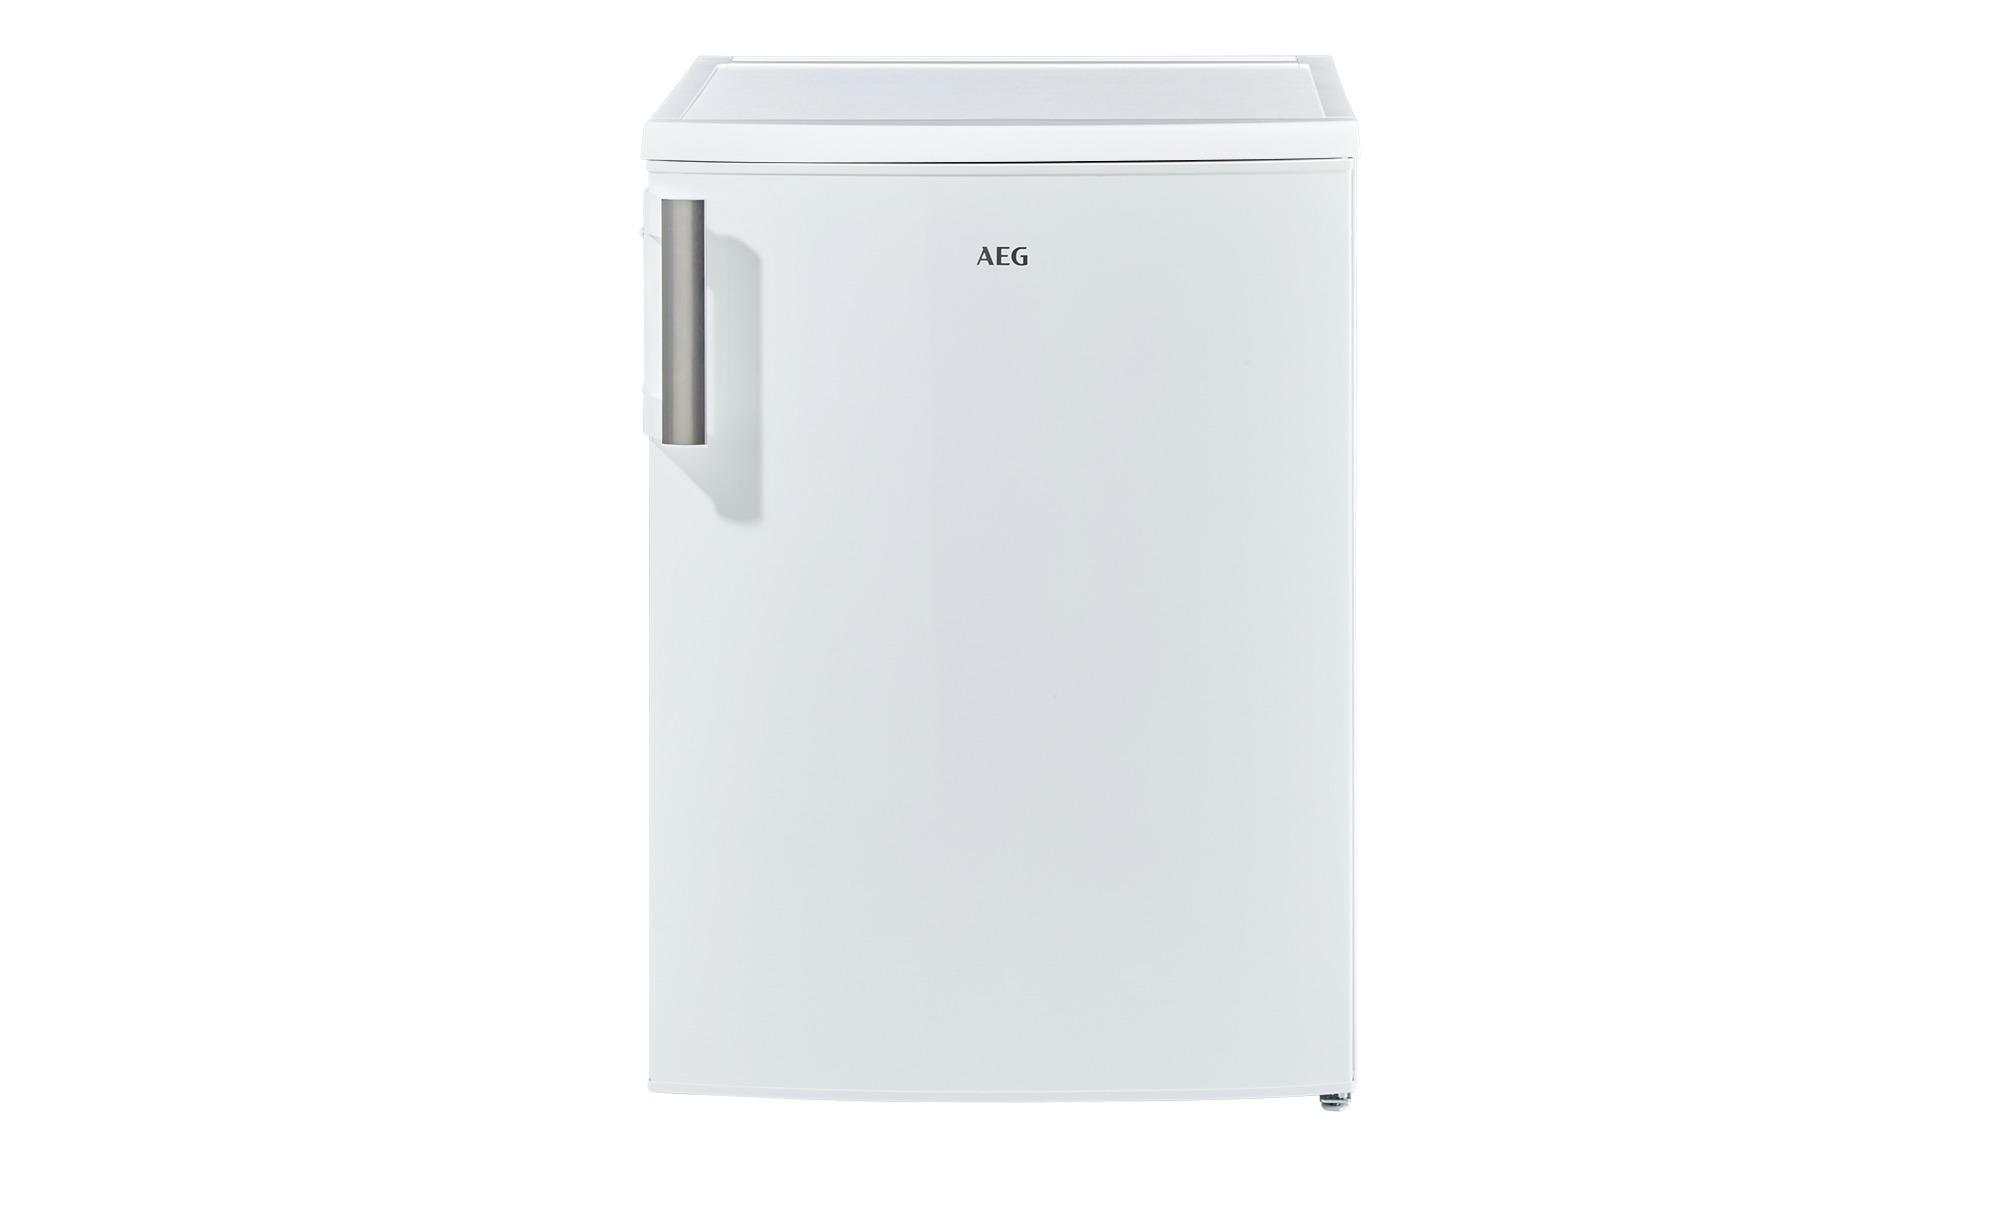 AEG Kühlschrank  RTB81421AW - weiß - Kunststoff, Glas , Metall-lackiert - 59,5 cm - 85 cm - 63,5 cm - Elektrogeräte > Kühlschränke - Möbel Kraft | Küche und Esszimmer > Küchenelektrogeräte > Kühlschränke | Glas - Metall | AEG